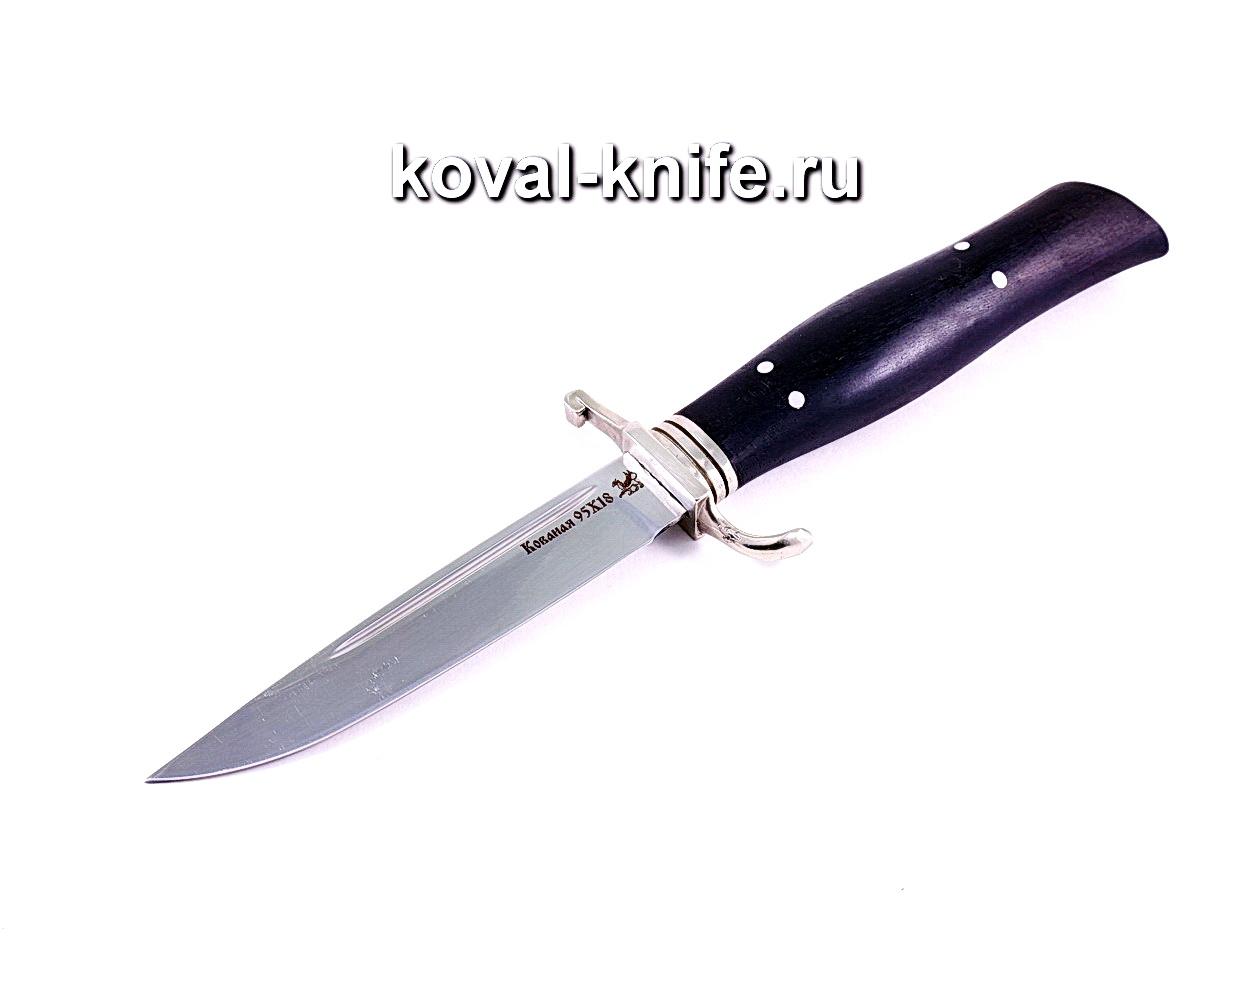 Нож Финка (сталь 95х18), рукоять граб, литье A020